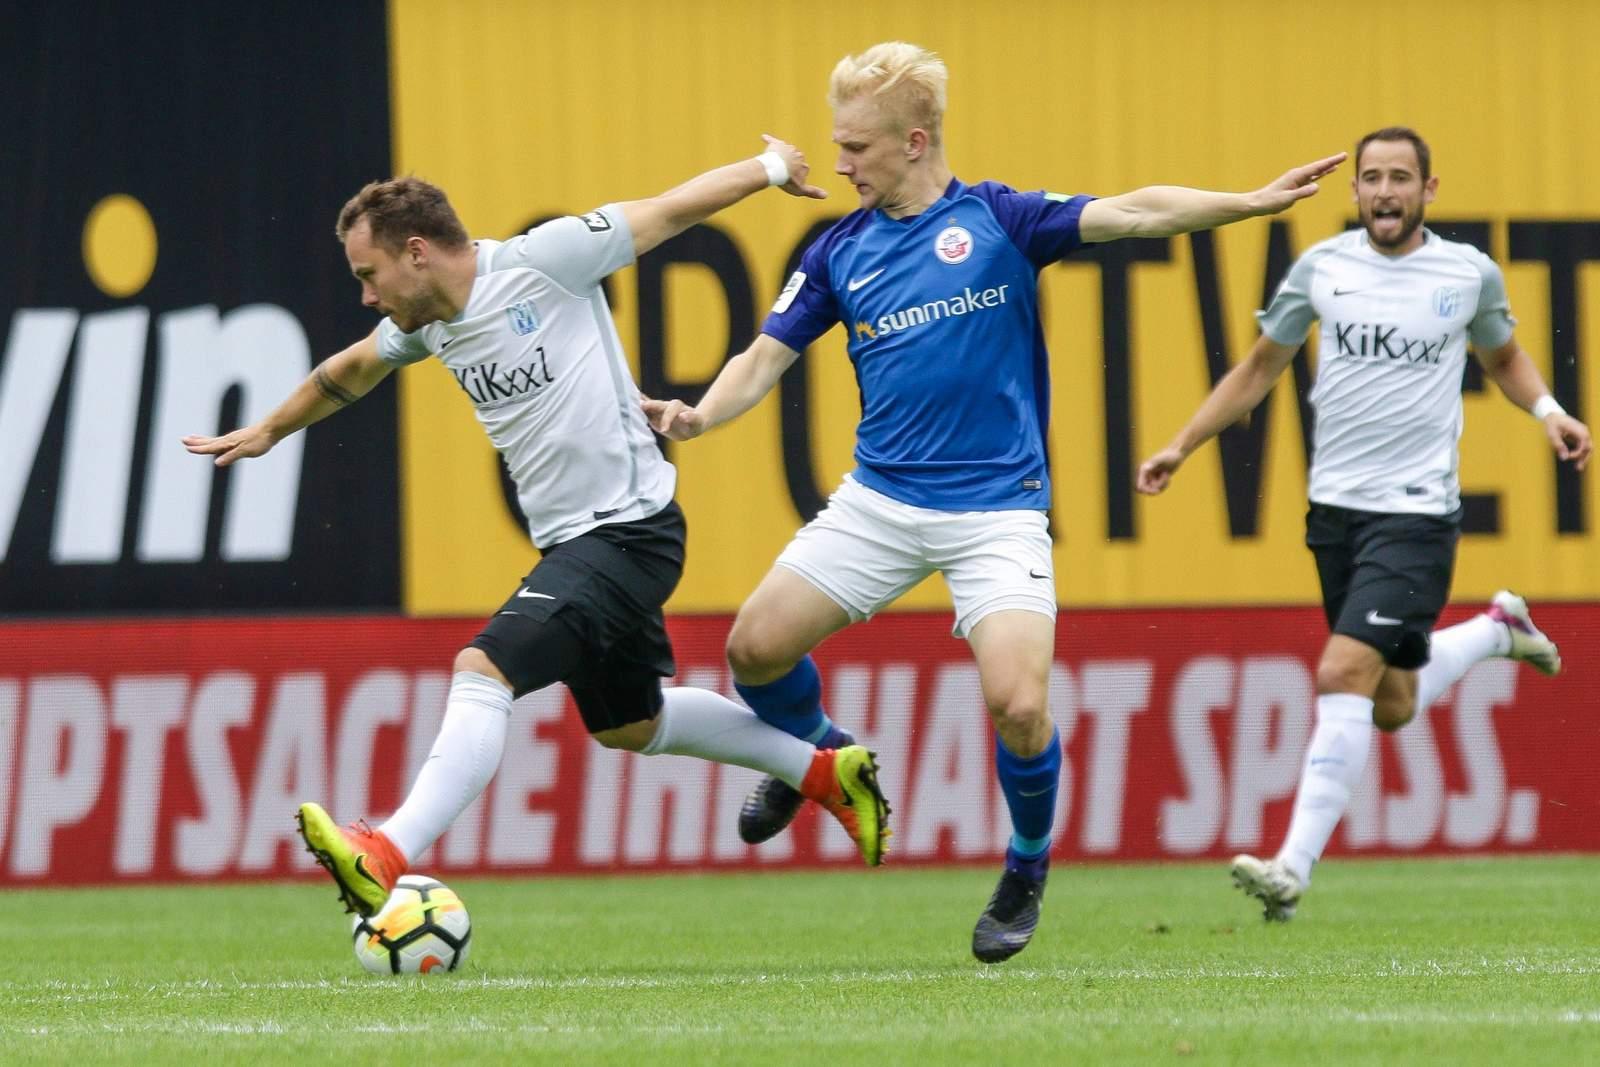 Zweikampf zwischen Granatowski und Henning